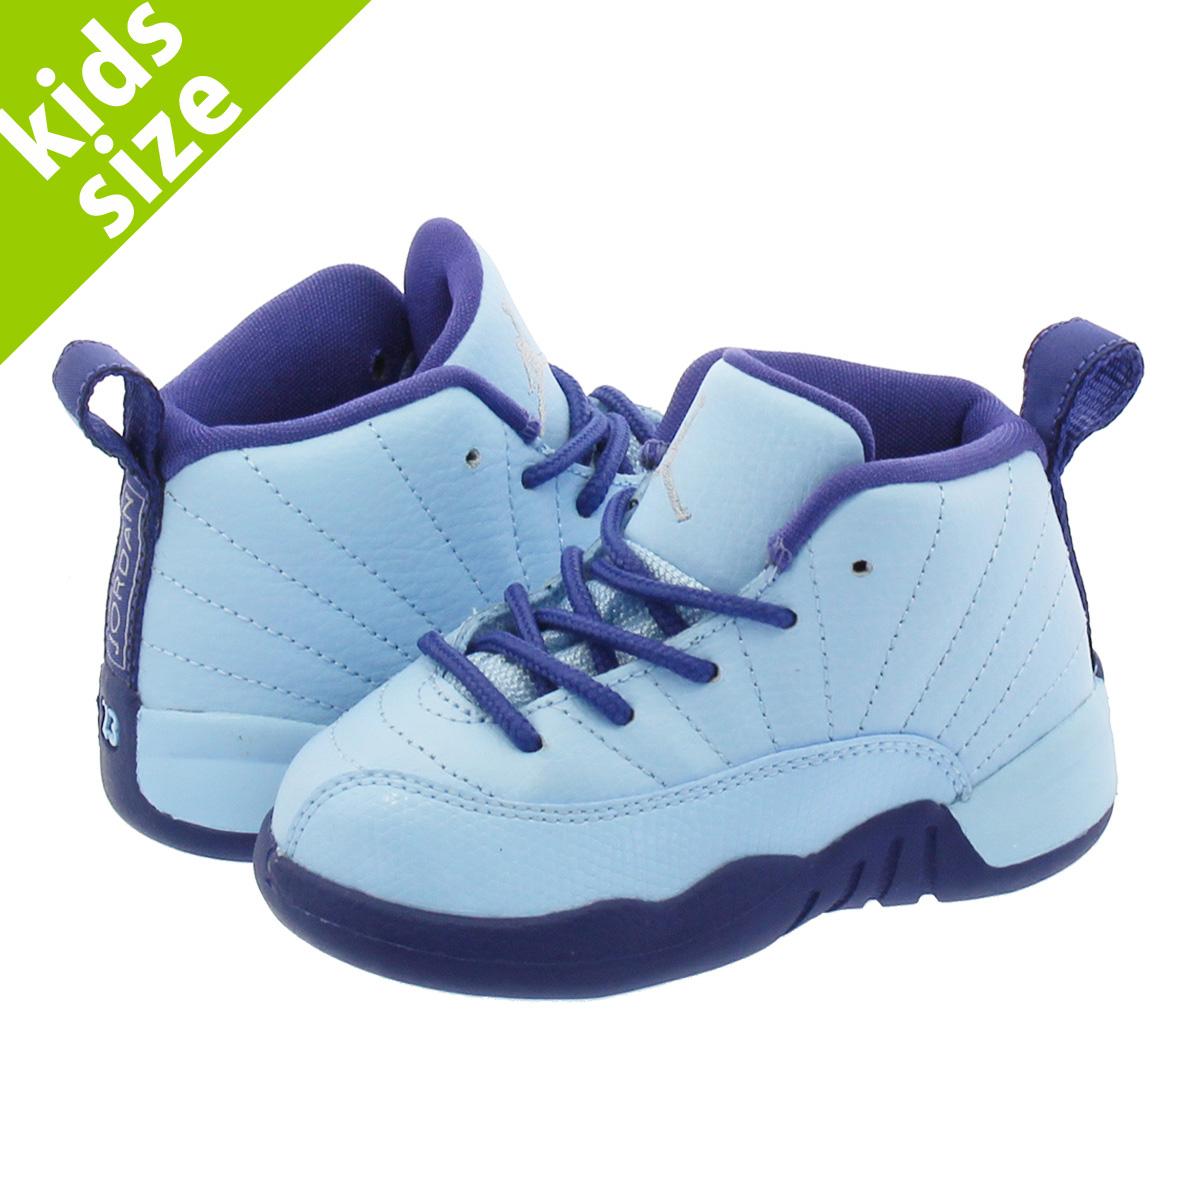 4acbc81b4b4 NIKE AIR JORDAN 12 RETRO TD Nike Air Jordan 12 nostalgic TD LIGHT BLUE NAVY  BLUE